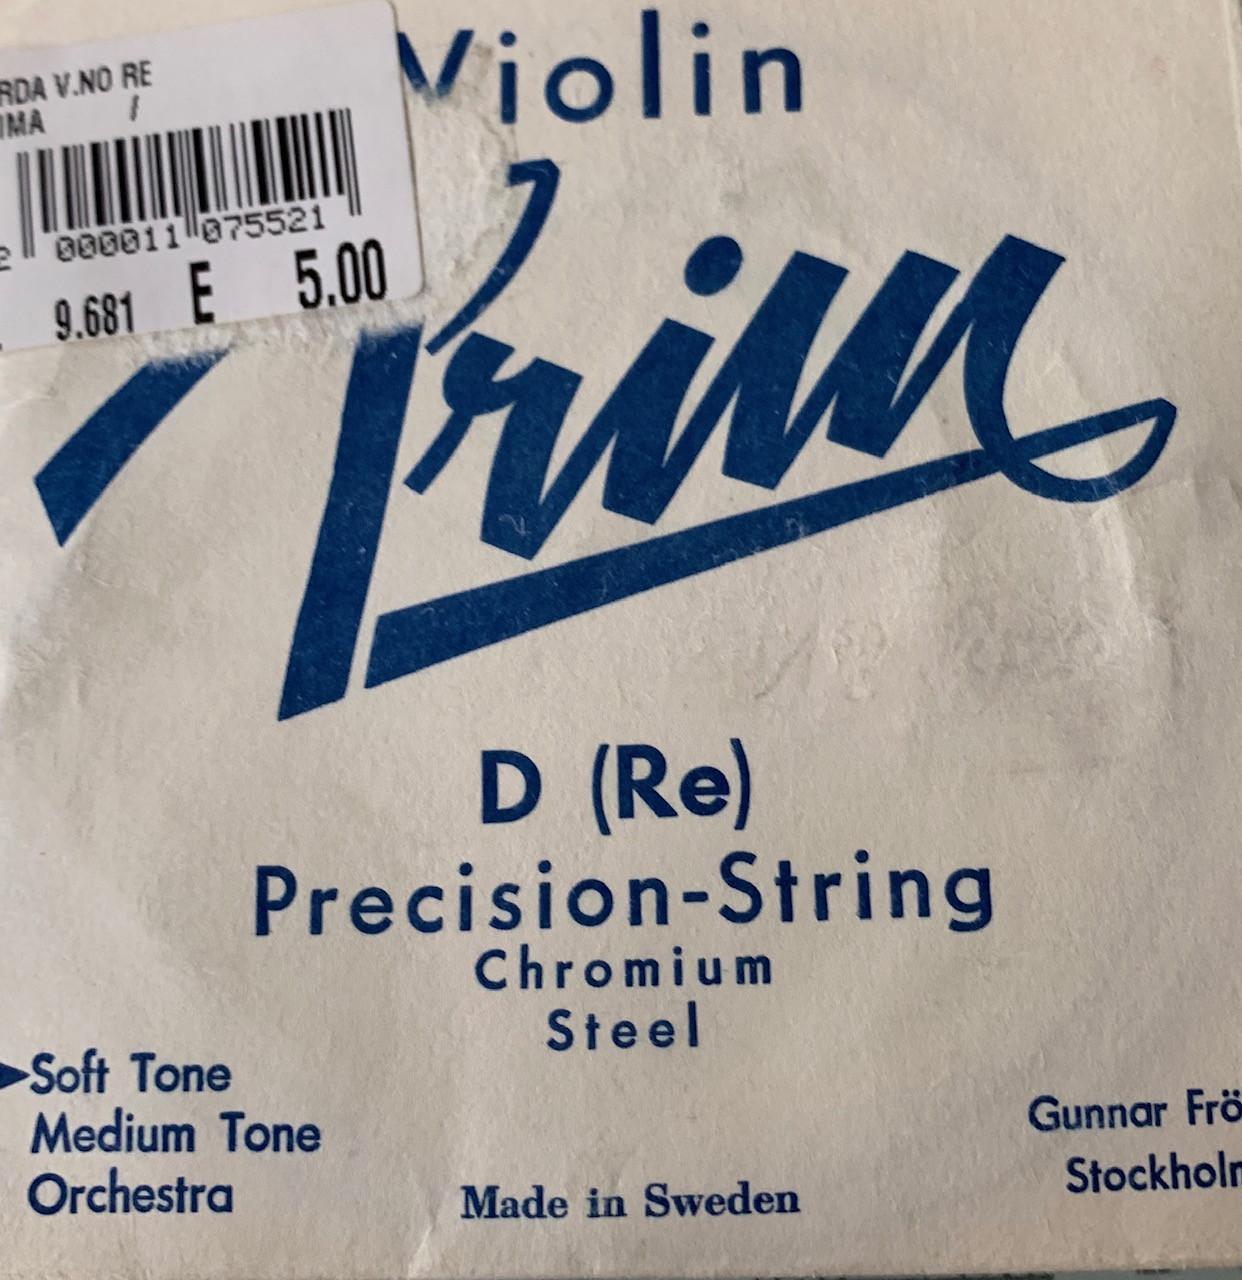 PRIM PRECISION STRINGS  CORDA RE  PER VIOLINO D